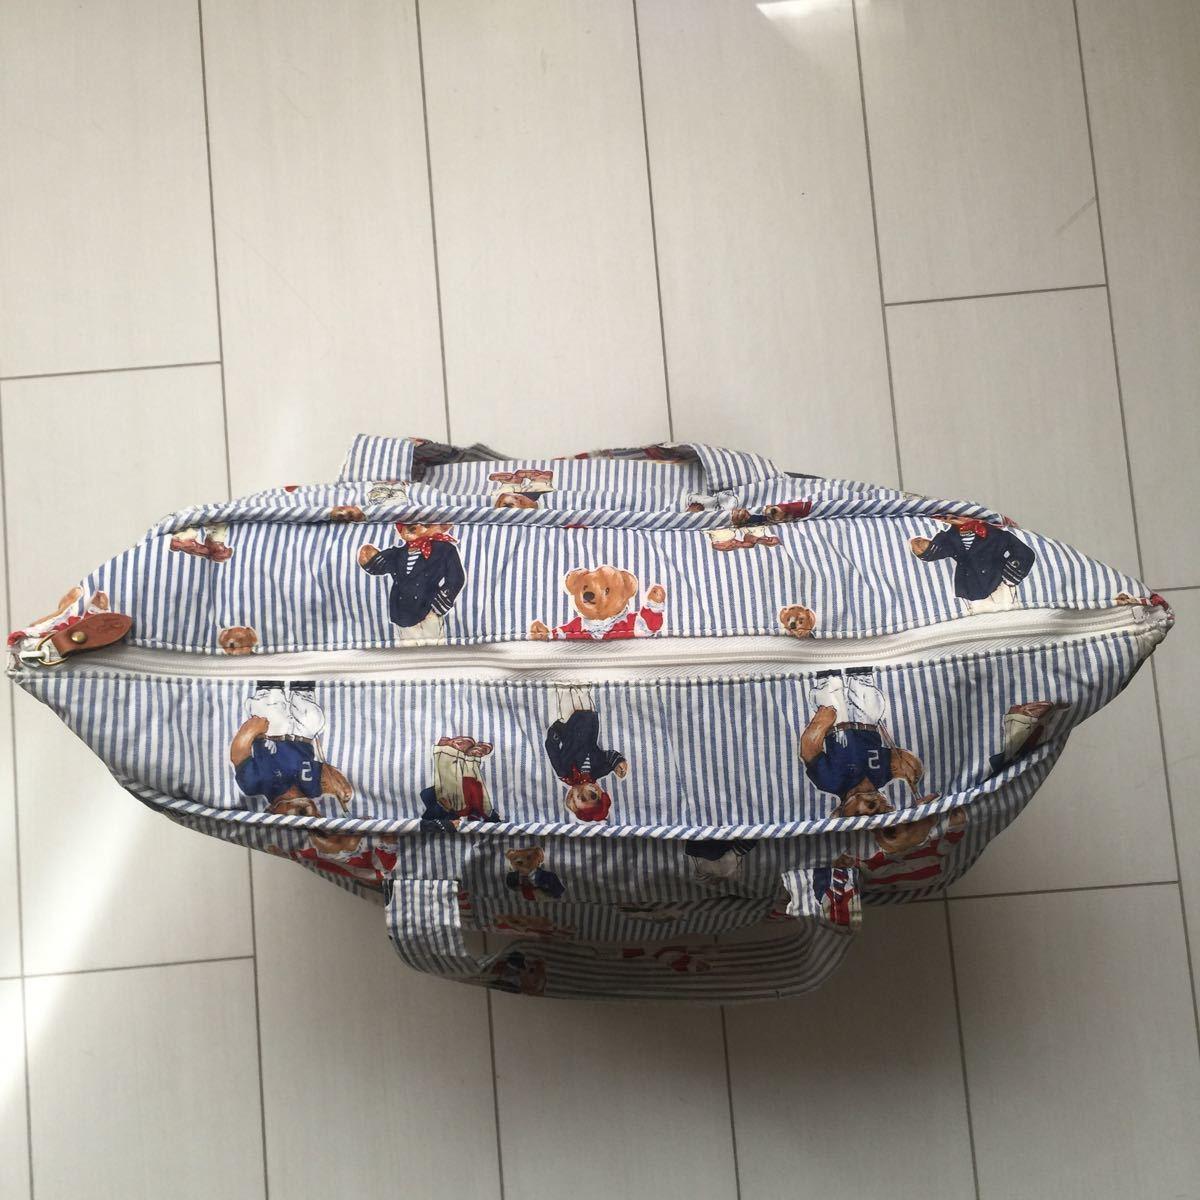 送料無料 90s Ralph laulen ラルフローレン POLO BEAR ポロベア ポロベアー クマ 熊 総柄 大容量 マザーズ トート バッグ bag 鞄 vintage_画像6